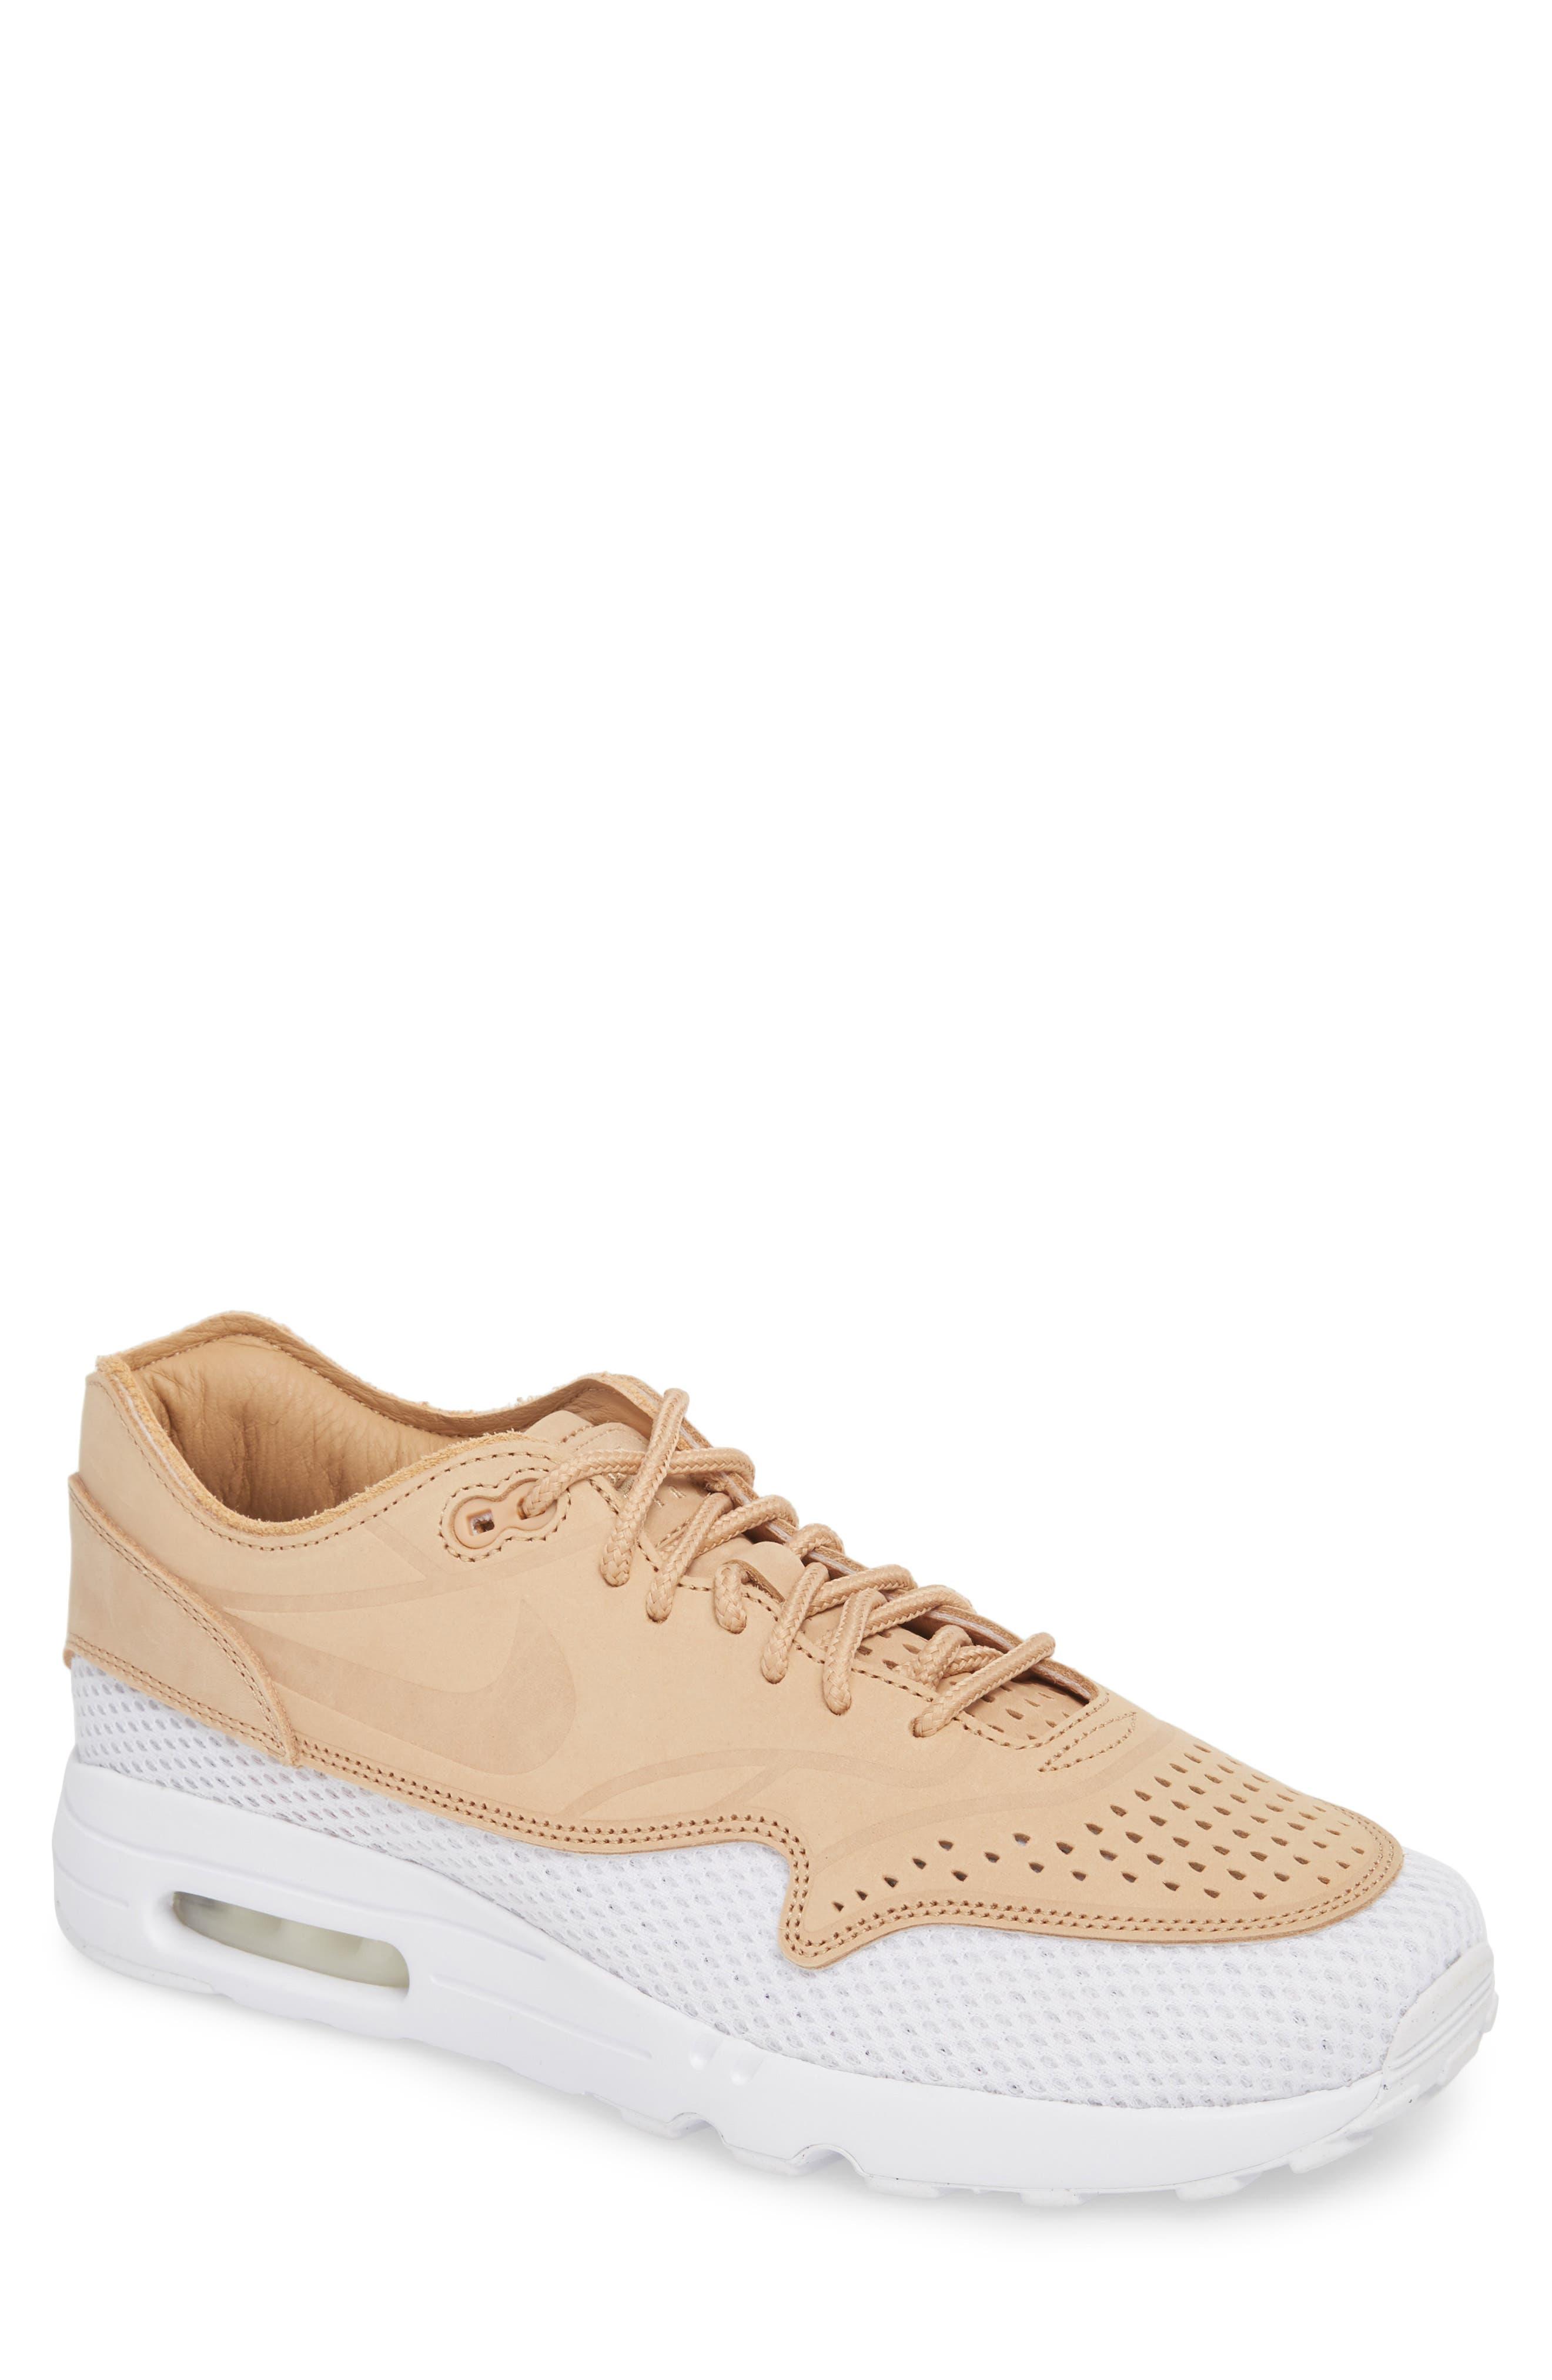 Air Max 1 Ultra 2.0 Premium Sneaker,                             Main thumbnail 1, color,                             VACHETTA TAN/ WHITE